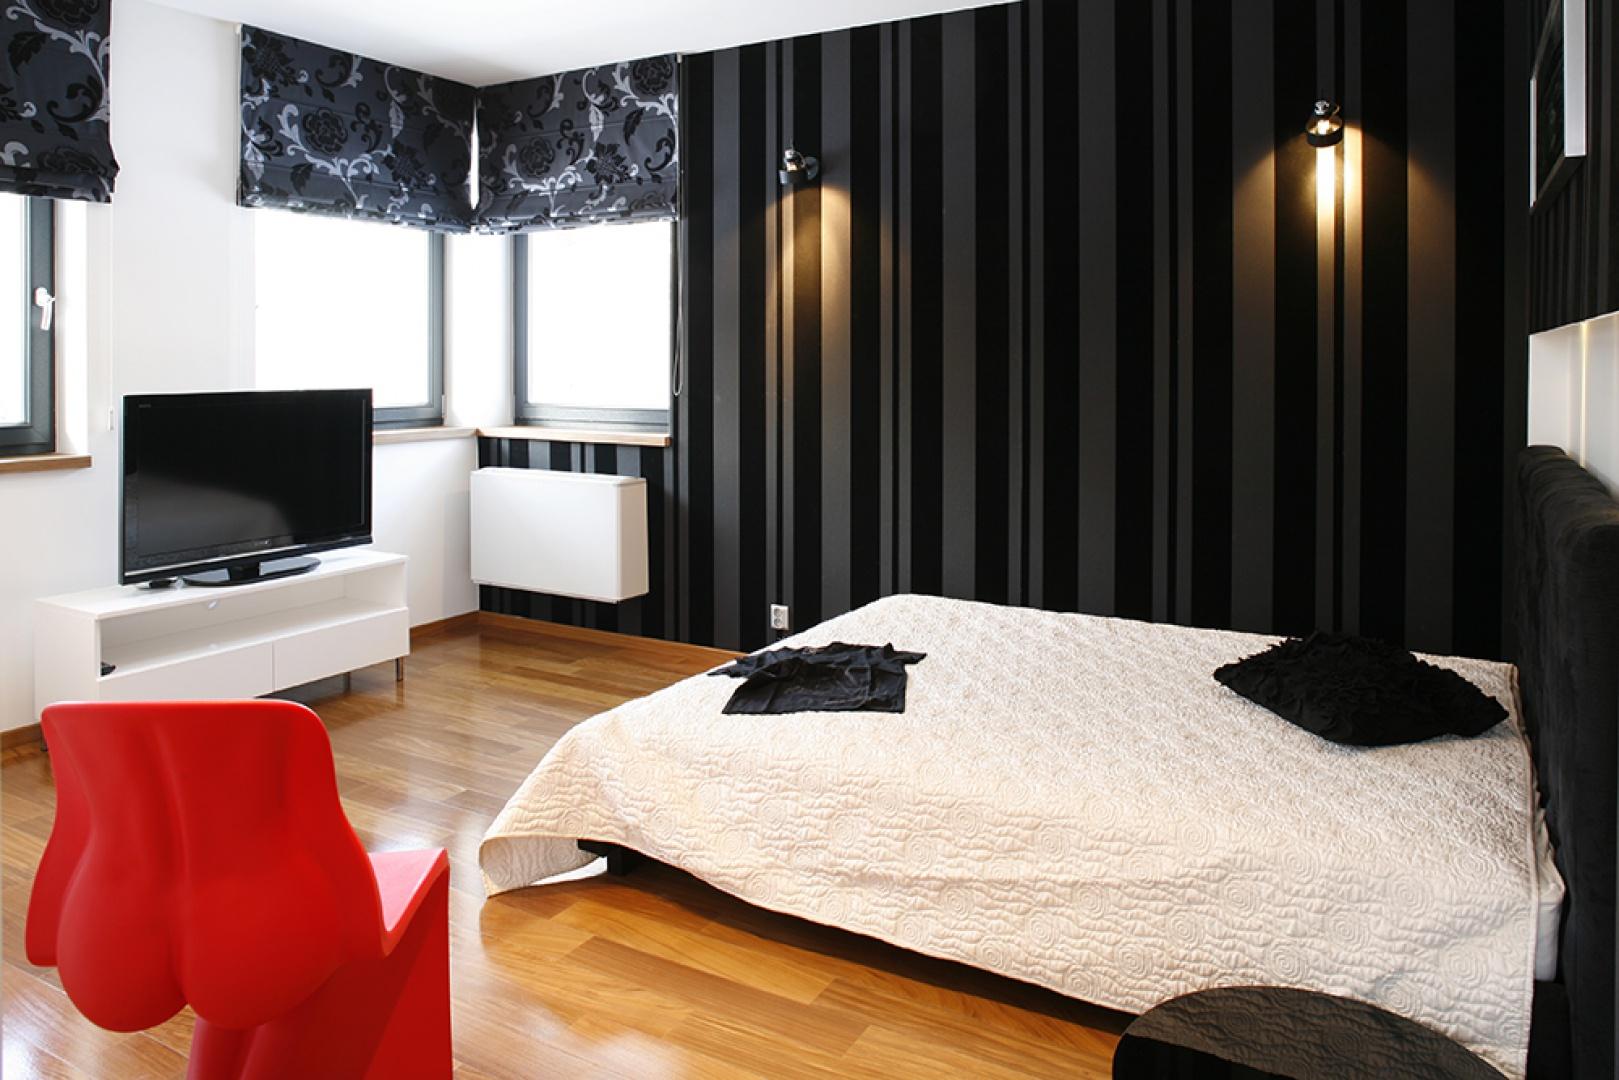 Biała narzuta ma elegancki, tłoczony wzór, a rolety w oknach – kwietne dekory. To jednak męska sypialnia, o czym przypomina ascetyczna szafka nocna, czarno-biała grafika z samochodami na ścianie oraz dyskretne lampki-reflektorki,  dopełniające całości. Fot. Bartosz Jarosz.